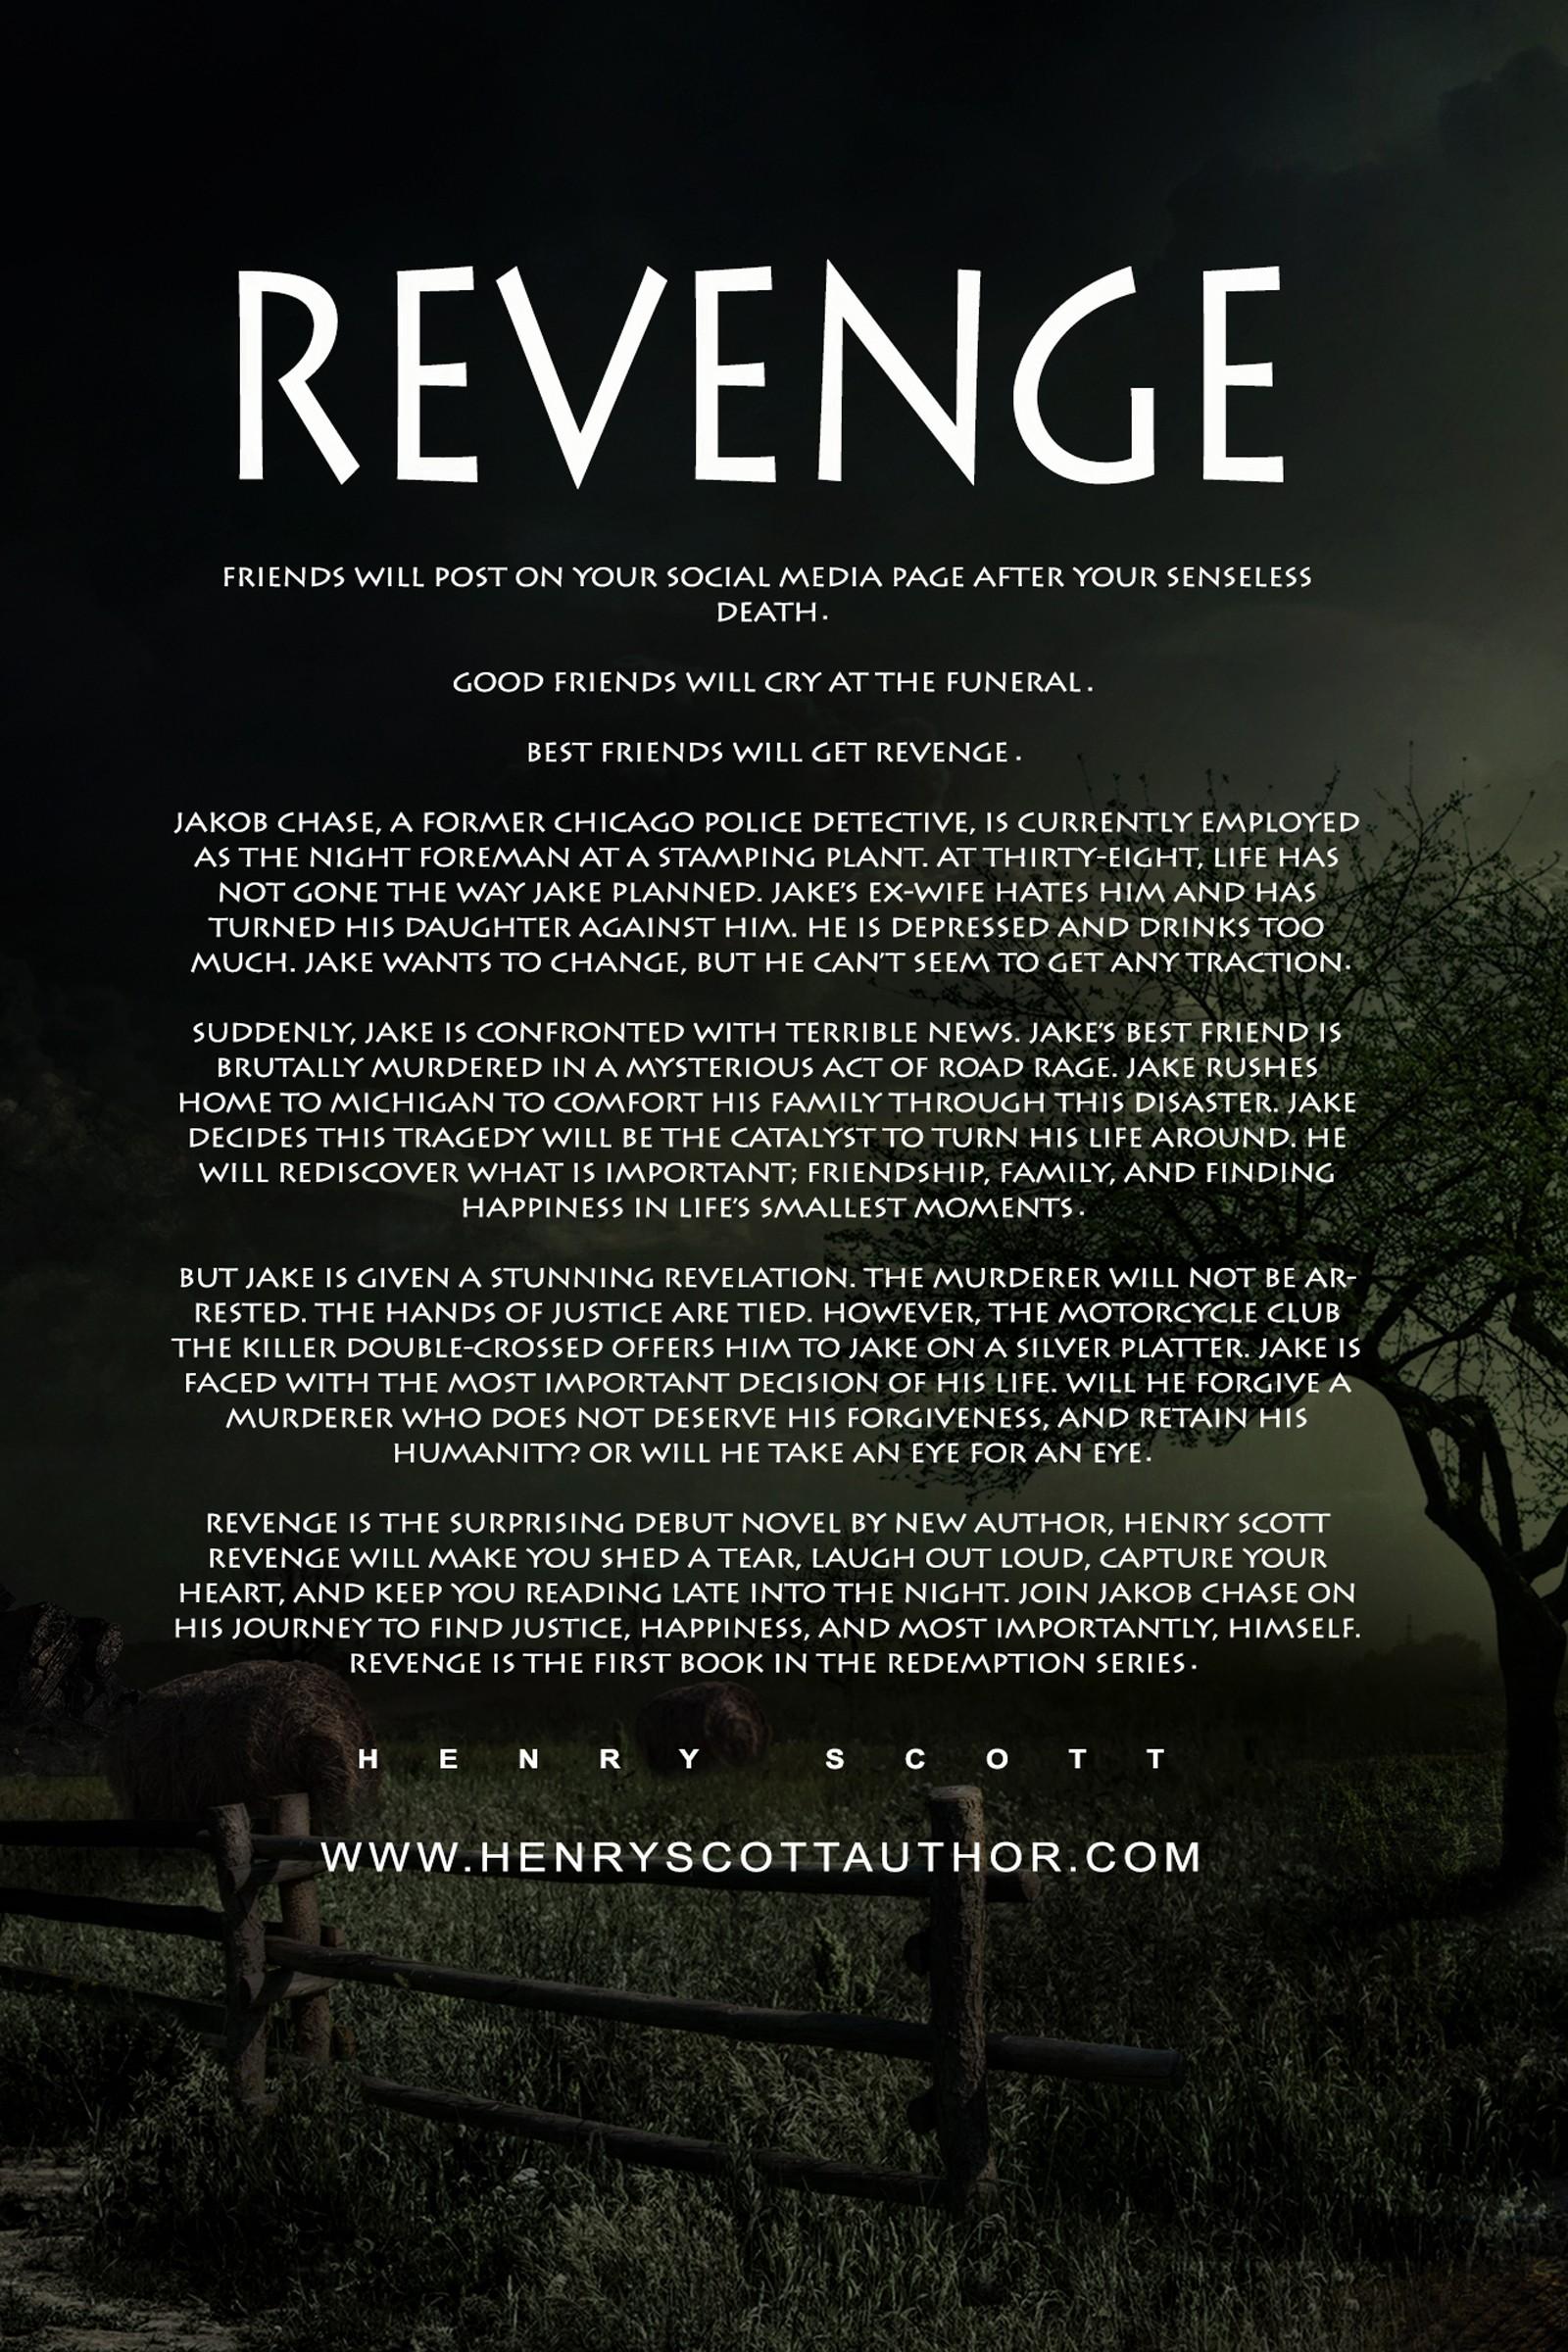 Create book cover for Revenge by Henry Scott